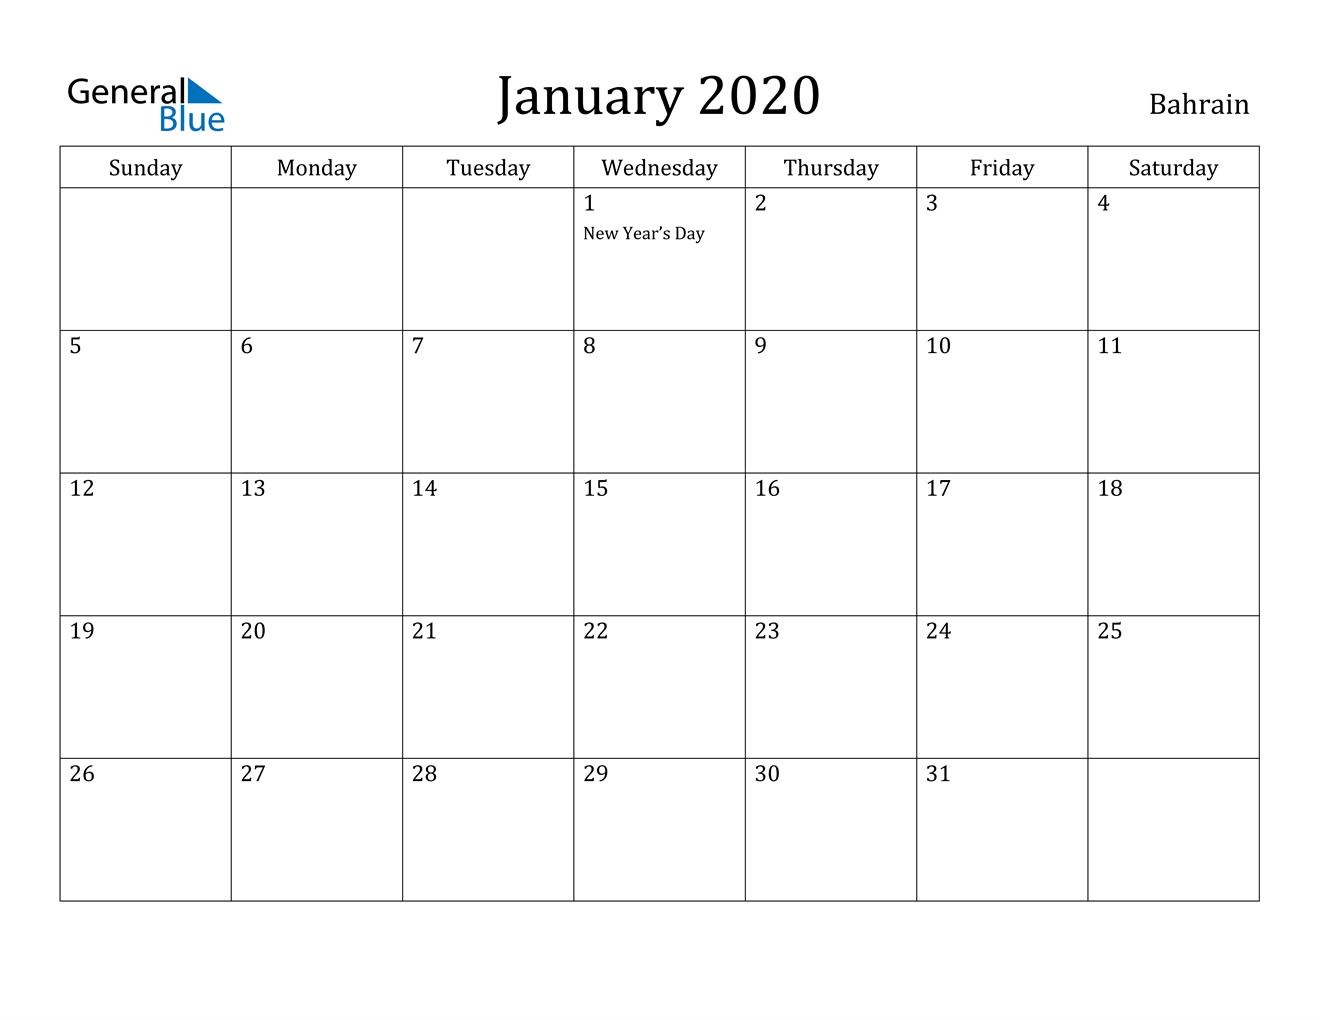 Image of January 2020 Bahrain Calendar with Holidays Calendar